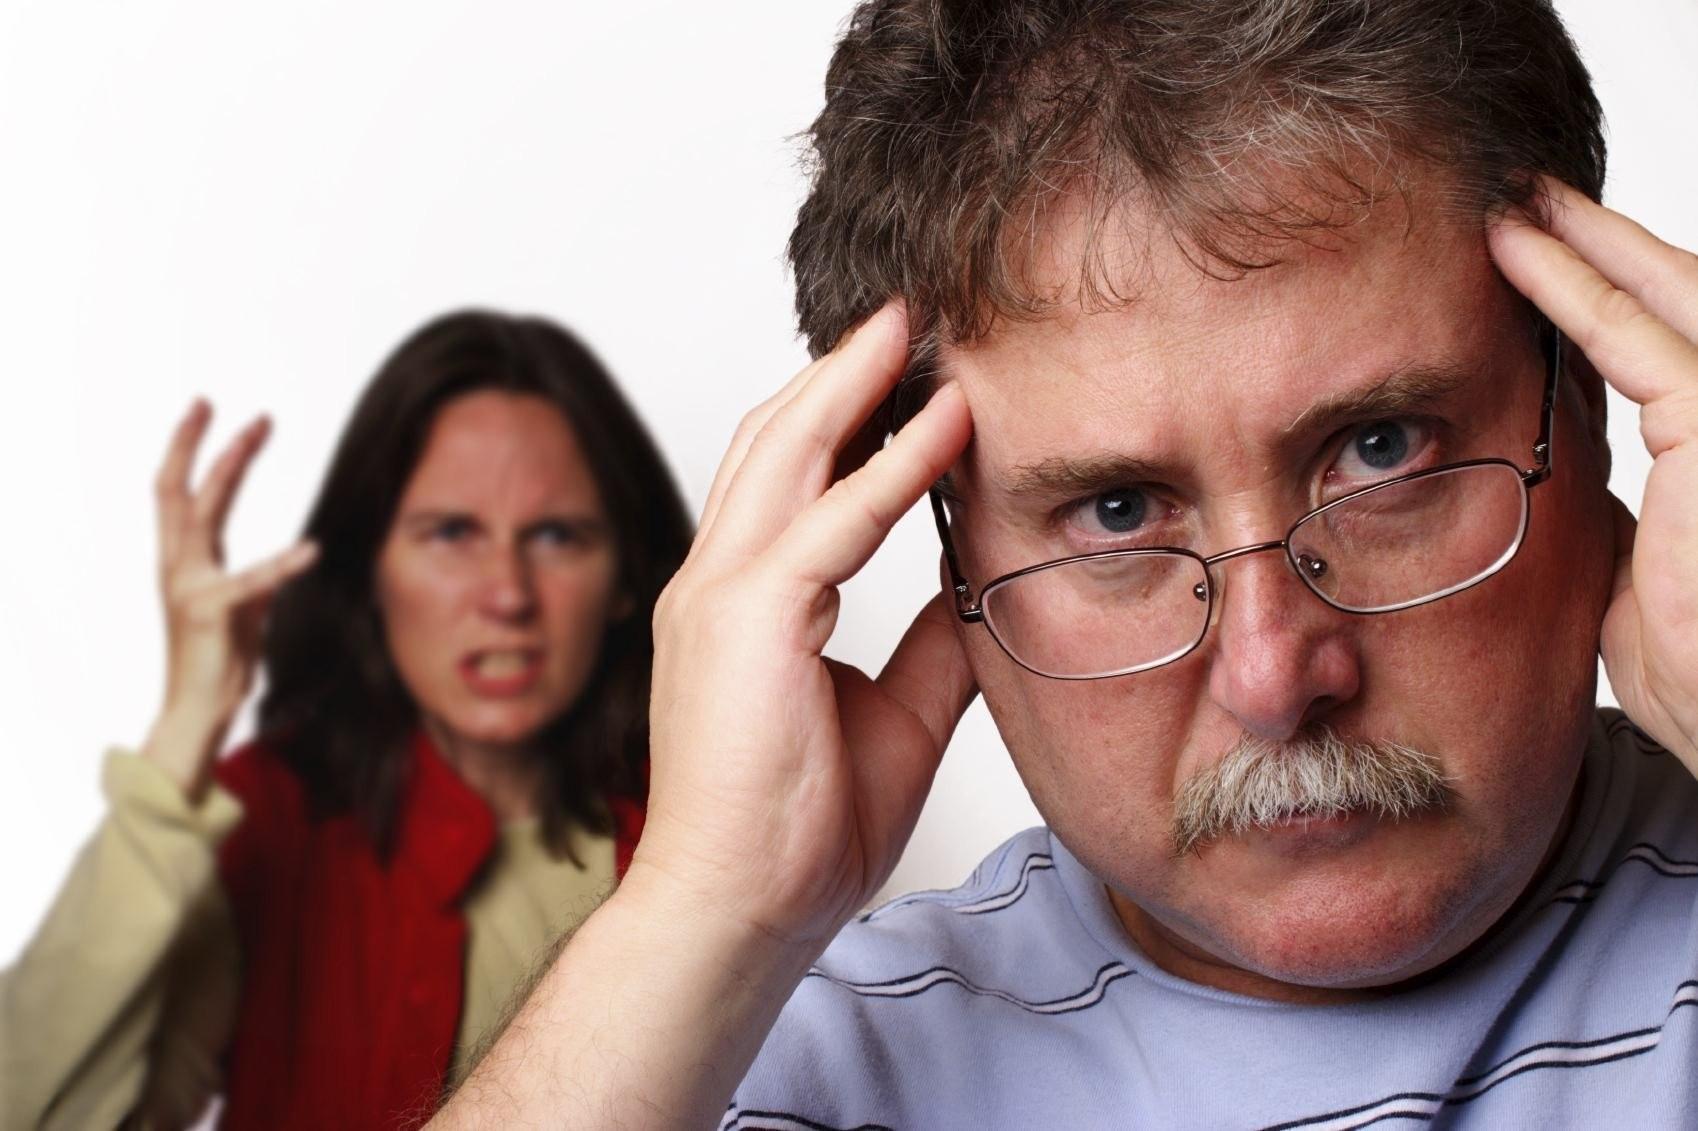 Стресс вбраке приводит кожирению